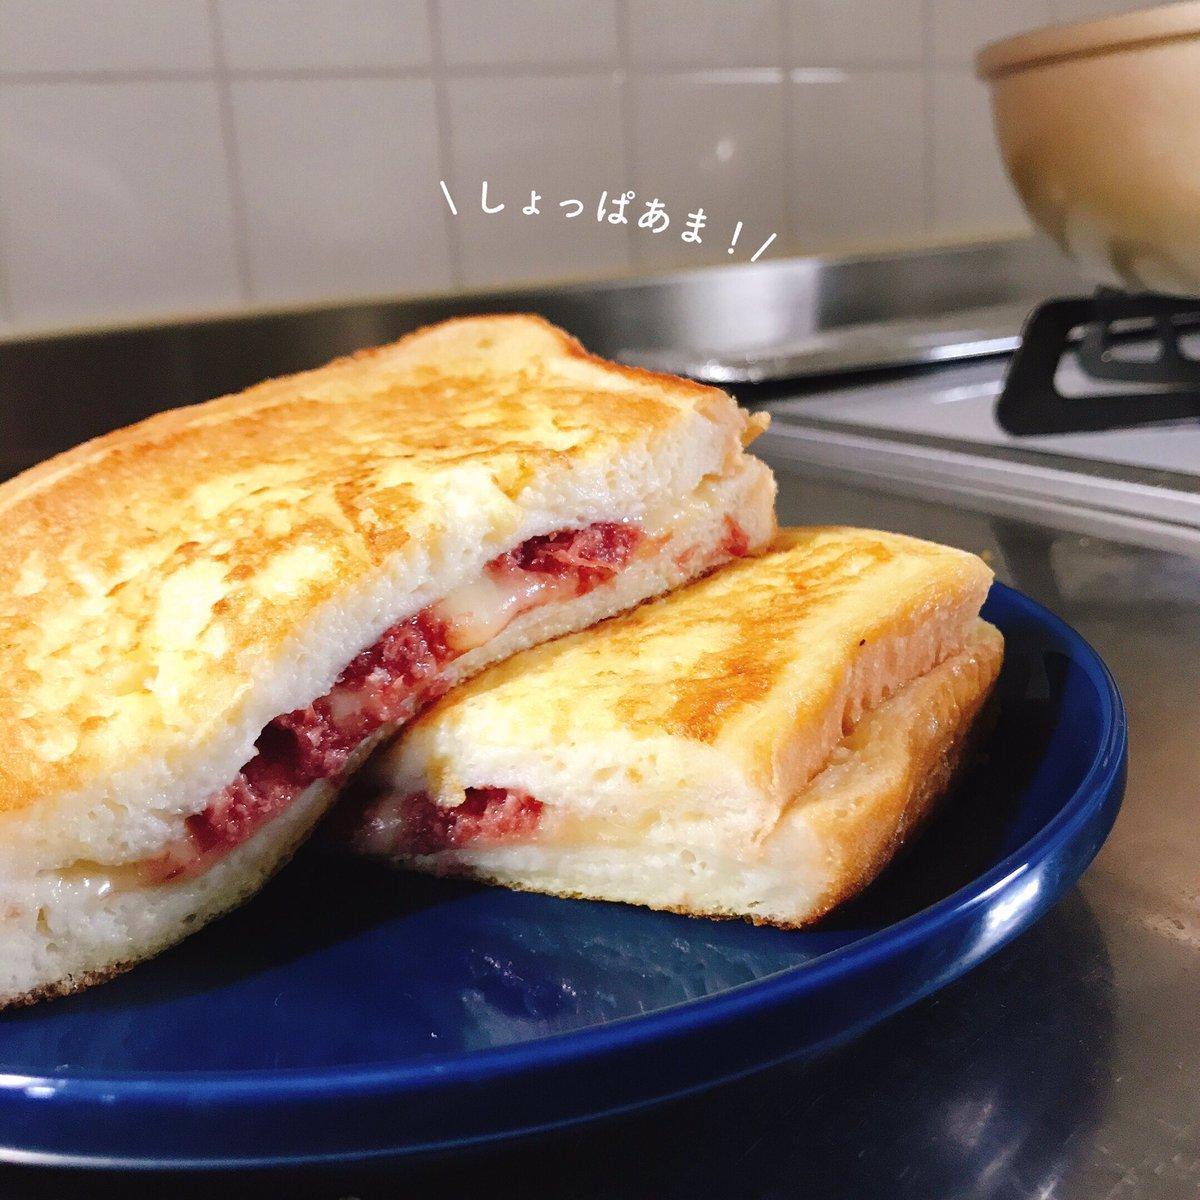 爆ウマ!しみしみ悪魔的フレンチトーストの作り方!